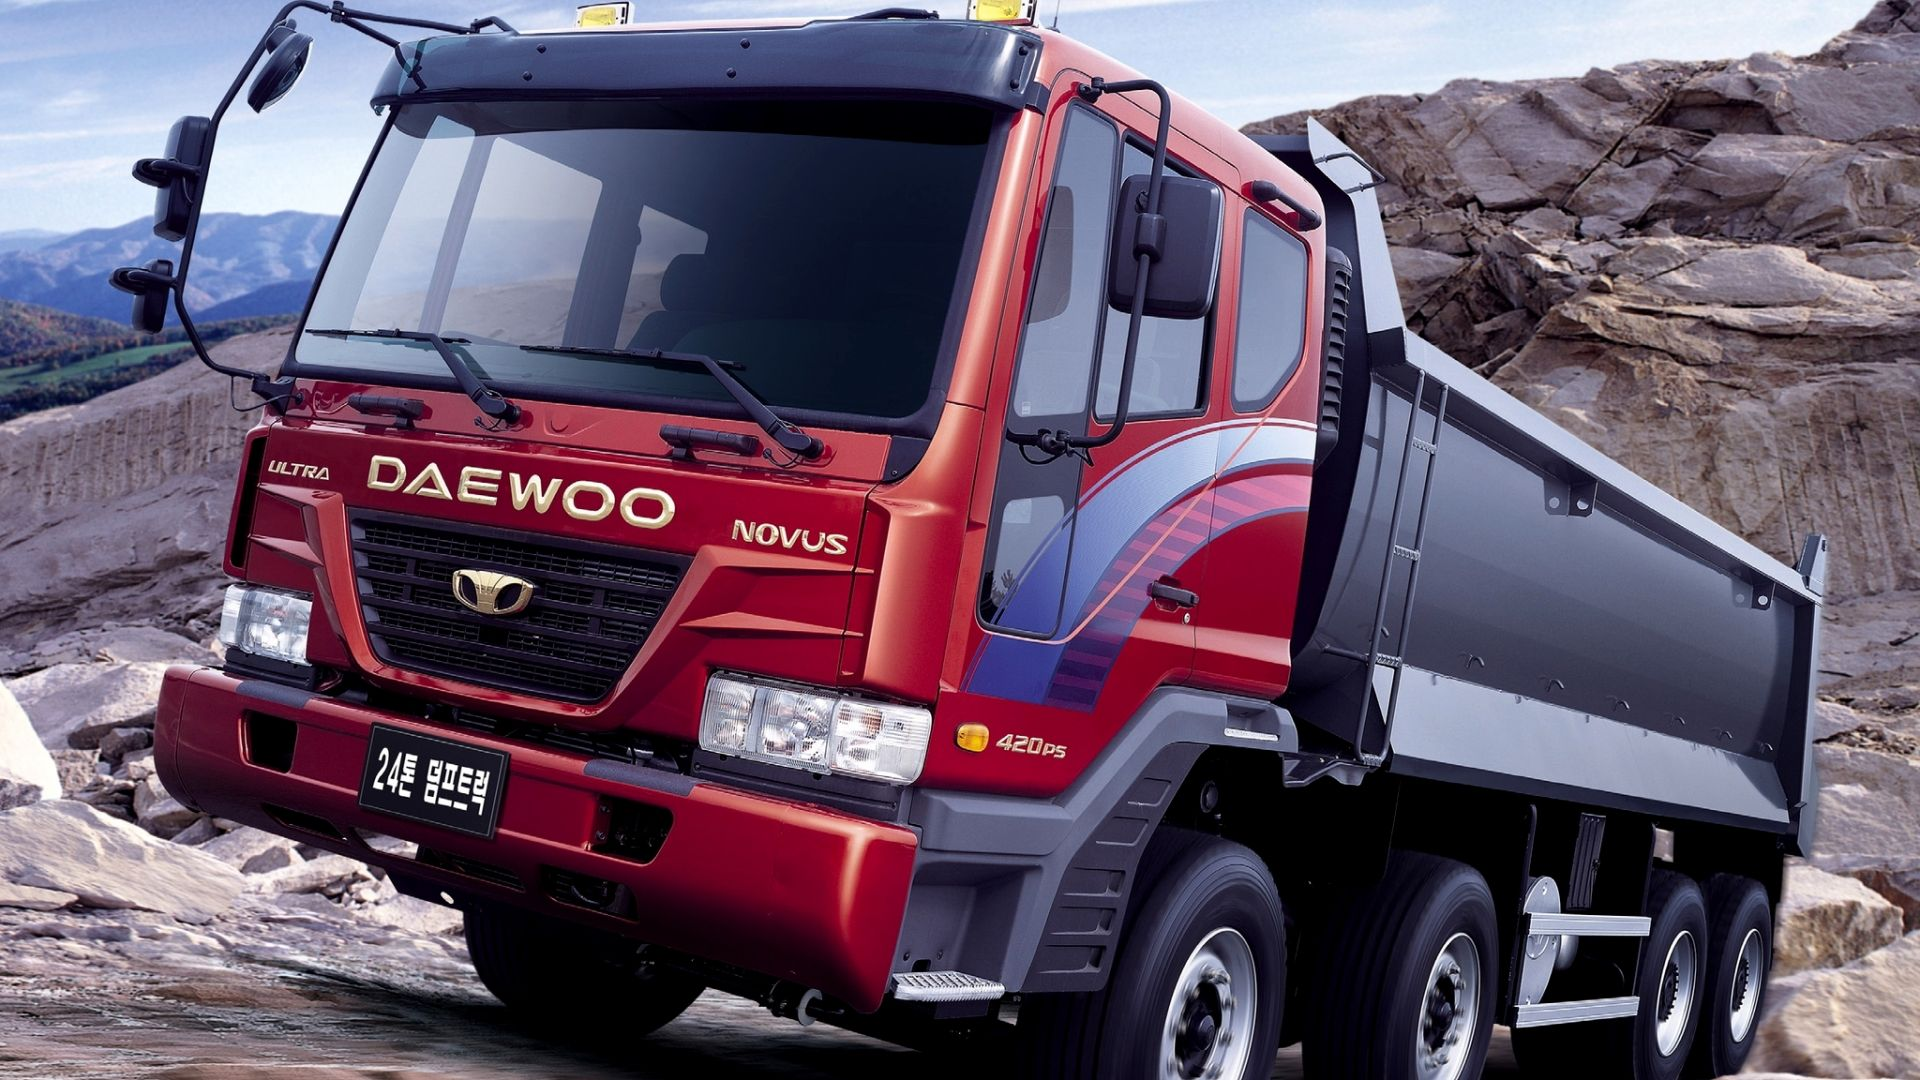 Wallpaper Daewoo truck